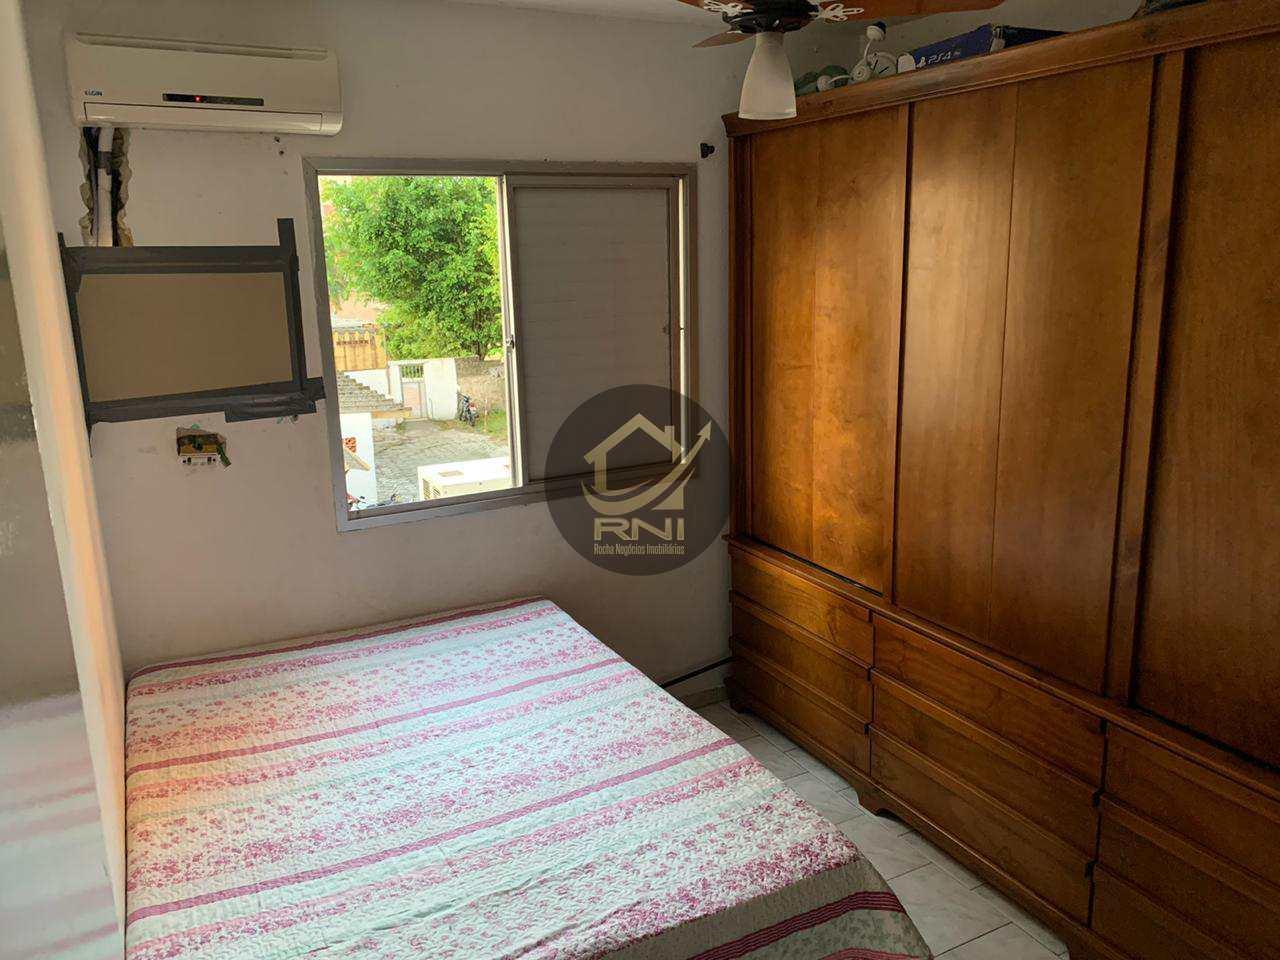 Apartamento com 2 dormitórios à venda, 67 m² por R$ 210.000,00 - Saboó - Santos/SP